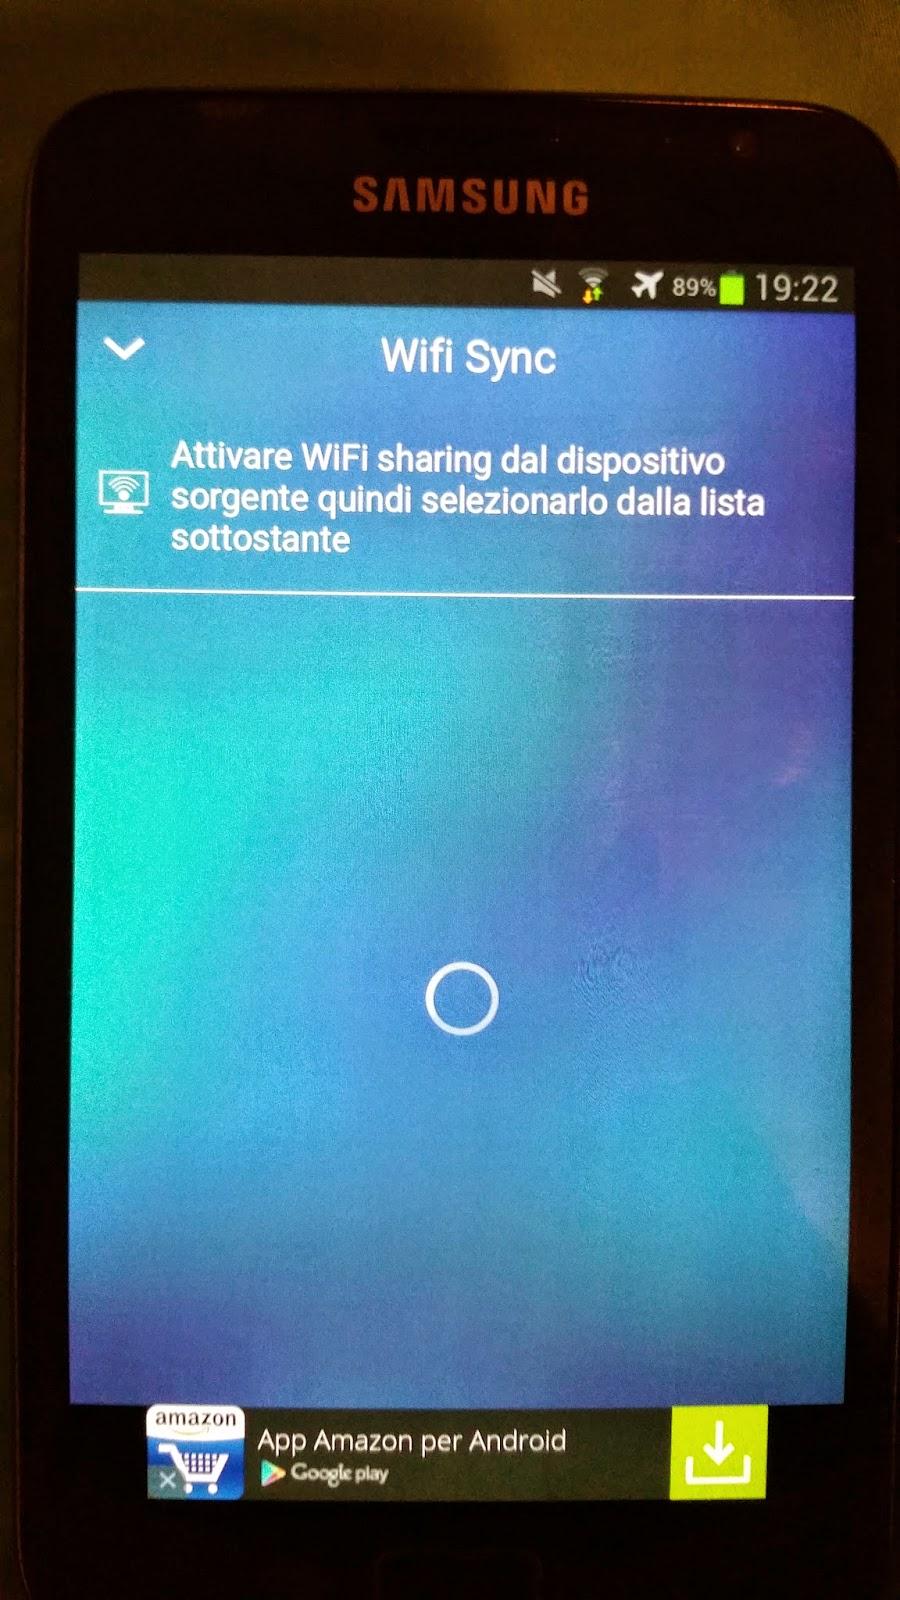 schermata della funzione sincronizzazione wifi tra dispositivi